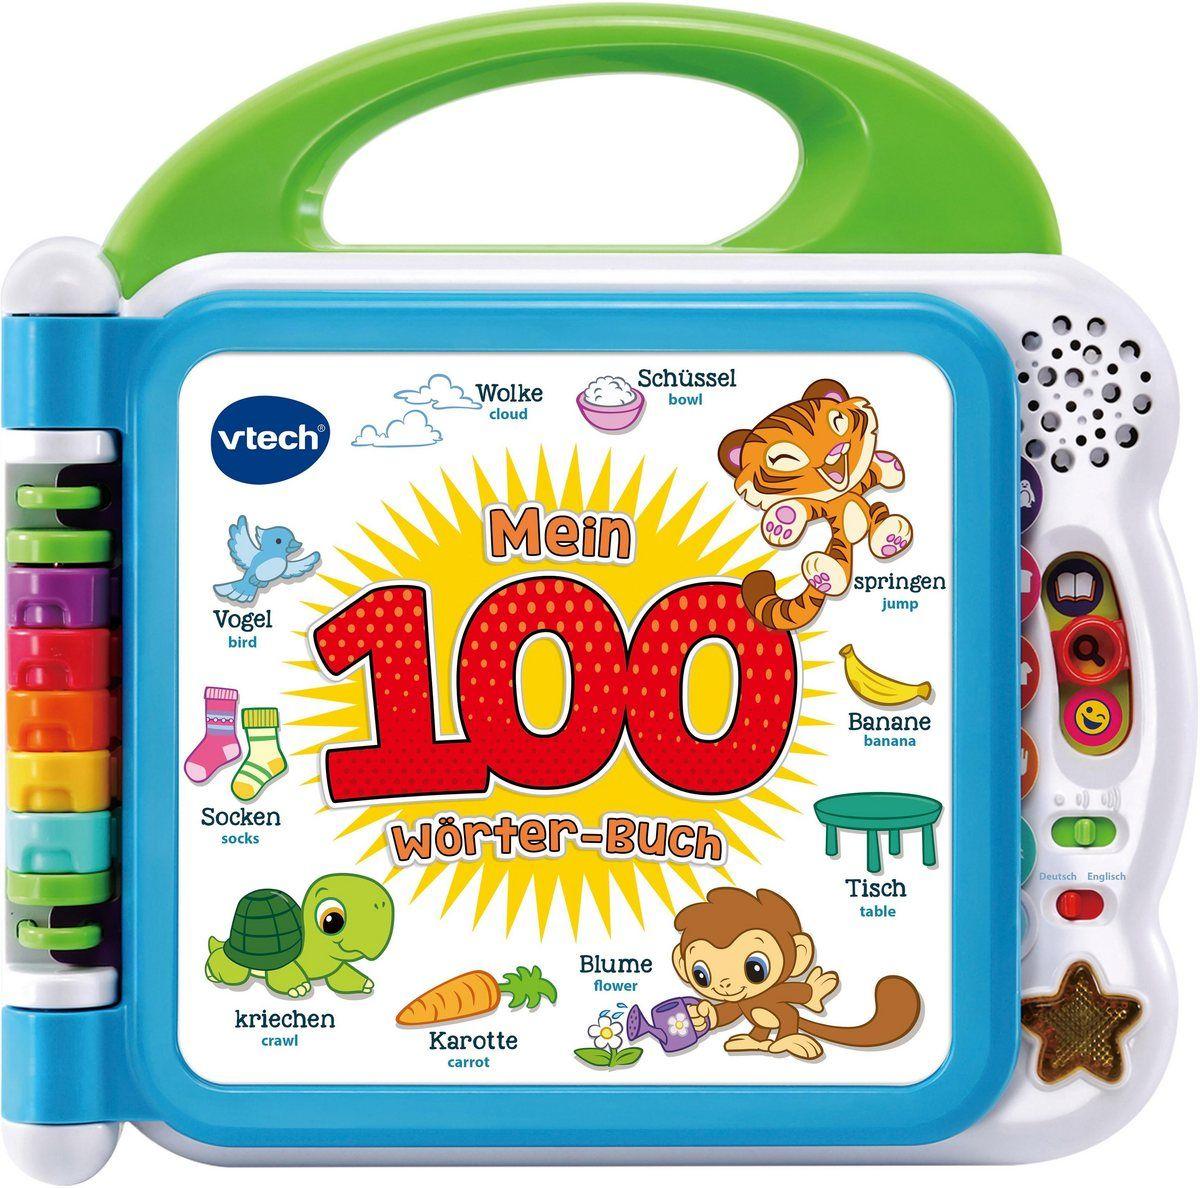 Buch Mein 100 Worter Buch Weiss Mit Sound Und Licht In 2020 100 Worter Worter Feuerwehr Buch